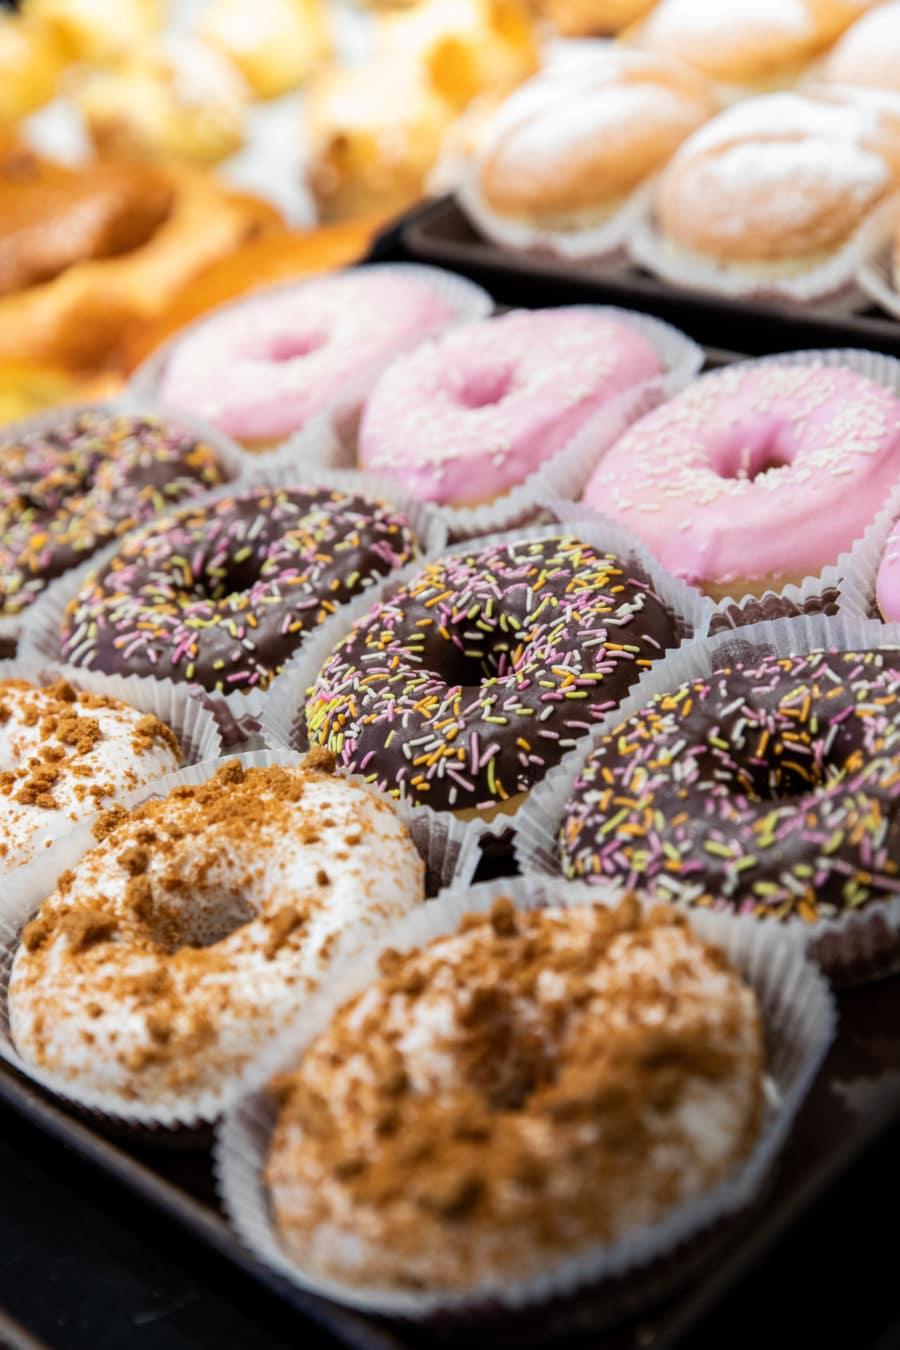 Cours De Cuisine Henin Beaumont snacking sucrés - donuts louise - boulangerie louise